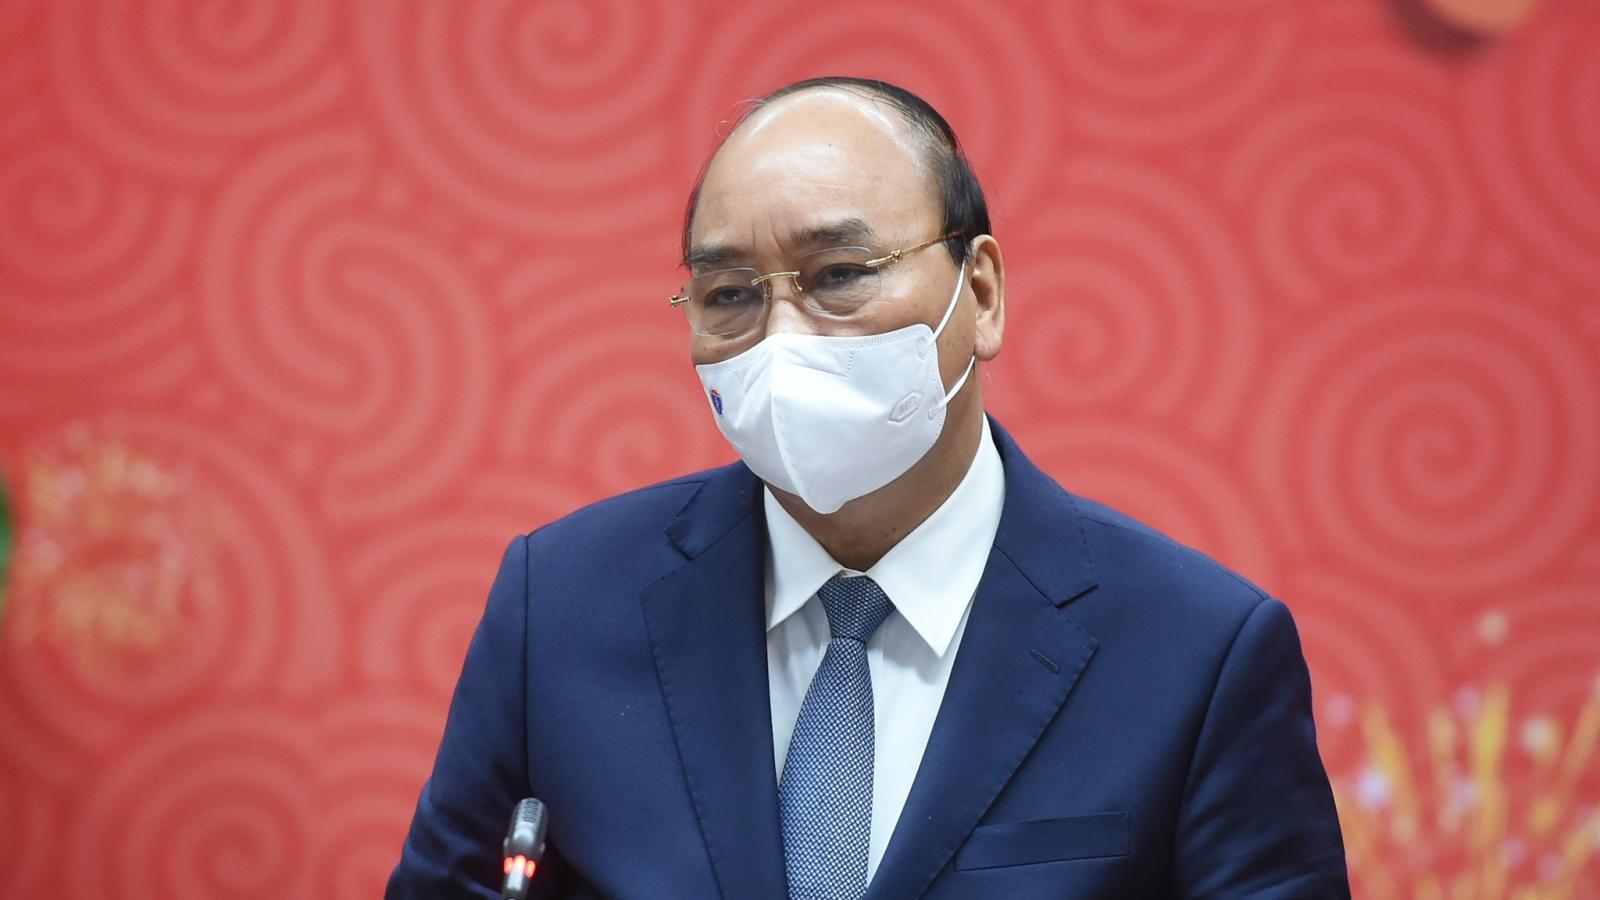 Thủ tướng yêu cầu Bộ Y tế báo cáo kế hoạch nhập khẩu và tiêm vaccine ngừa Covid-19